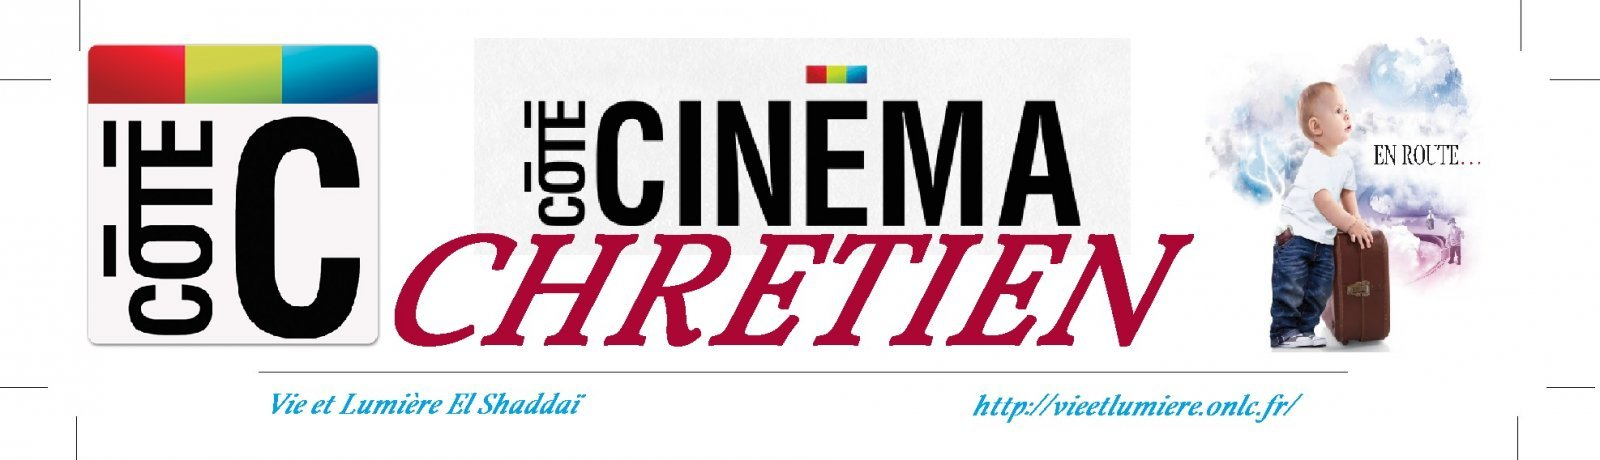 Côté Cinéma Chretien